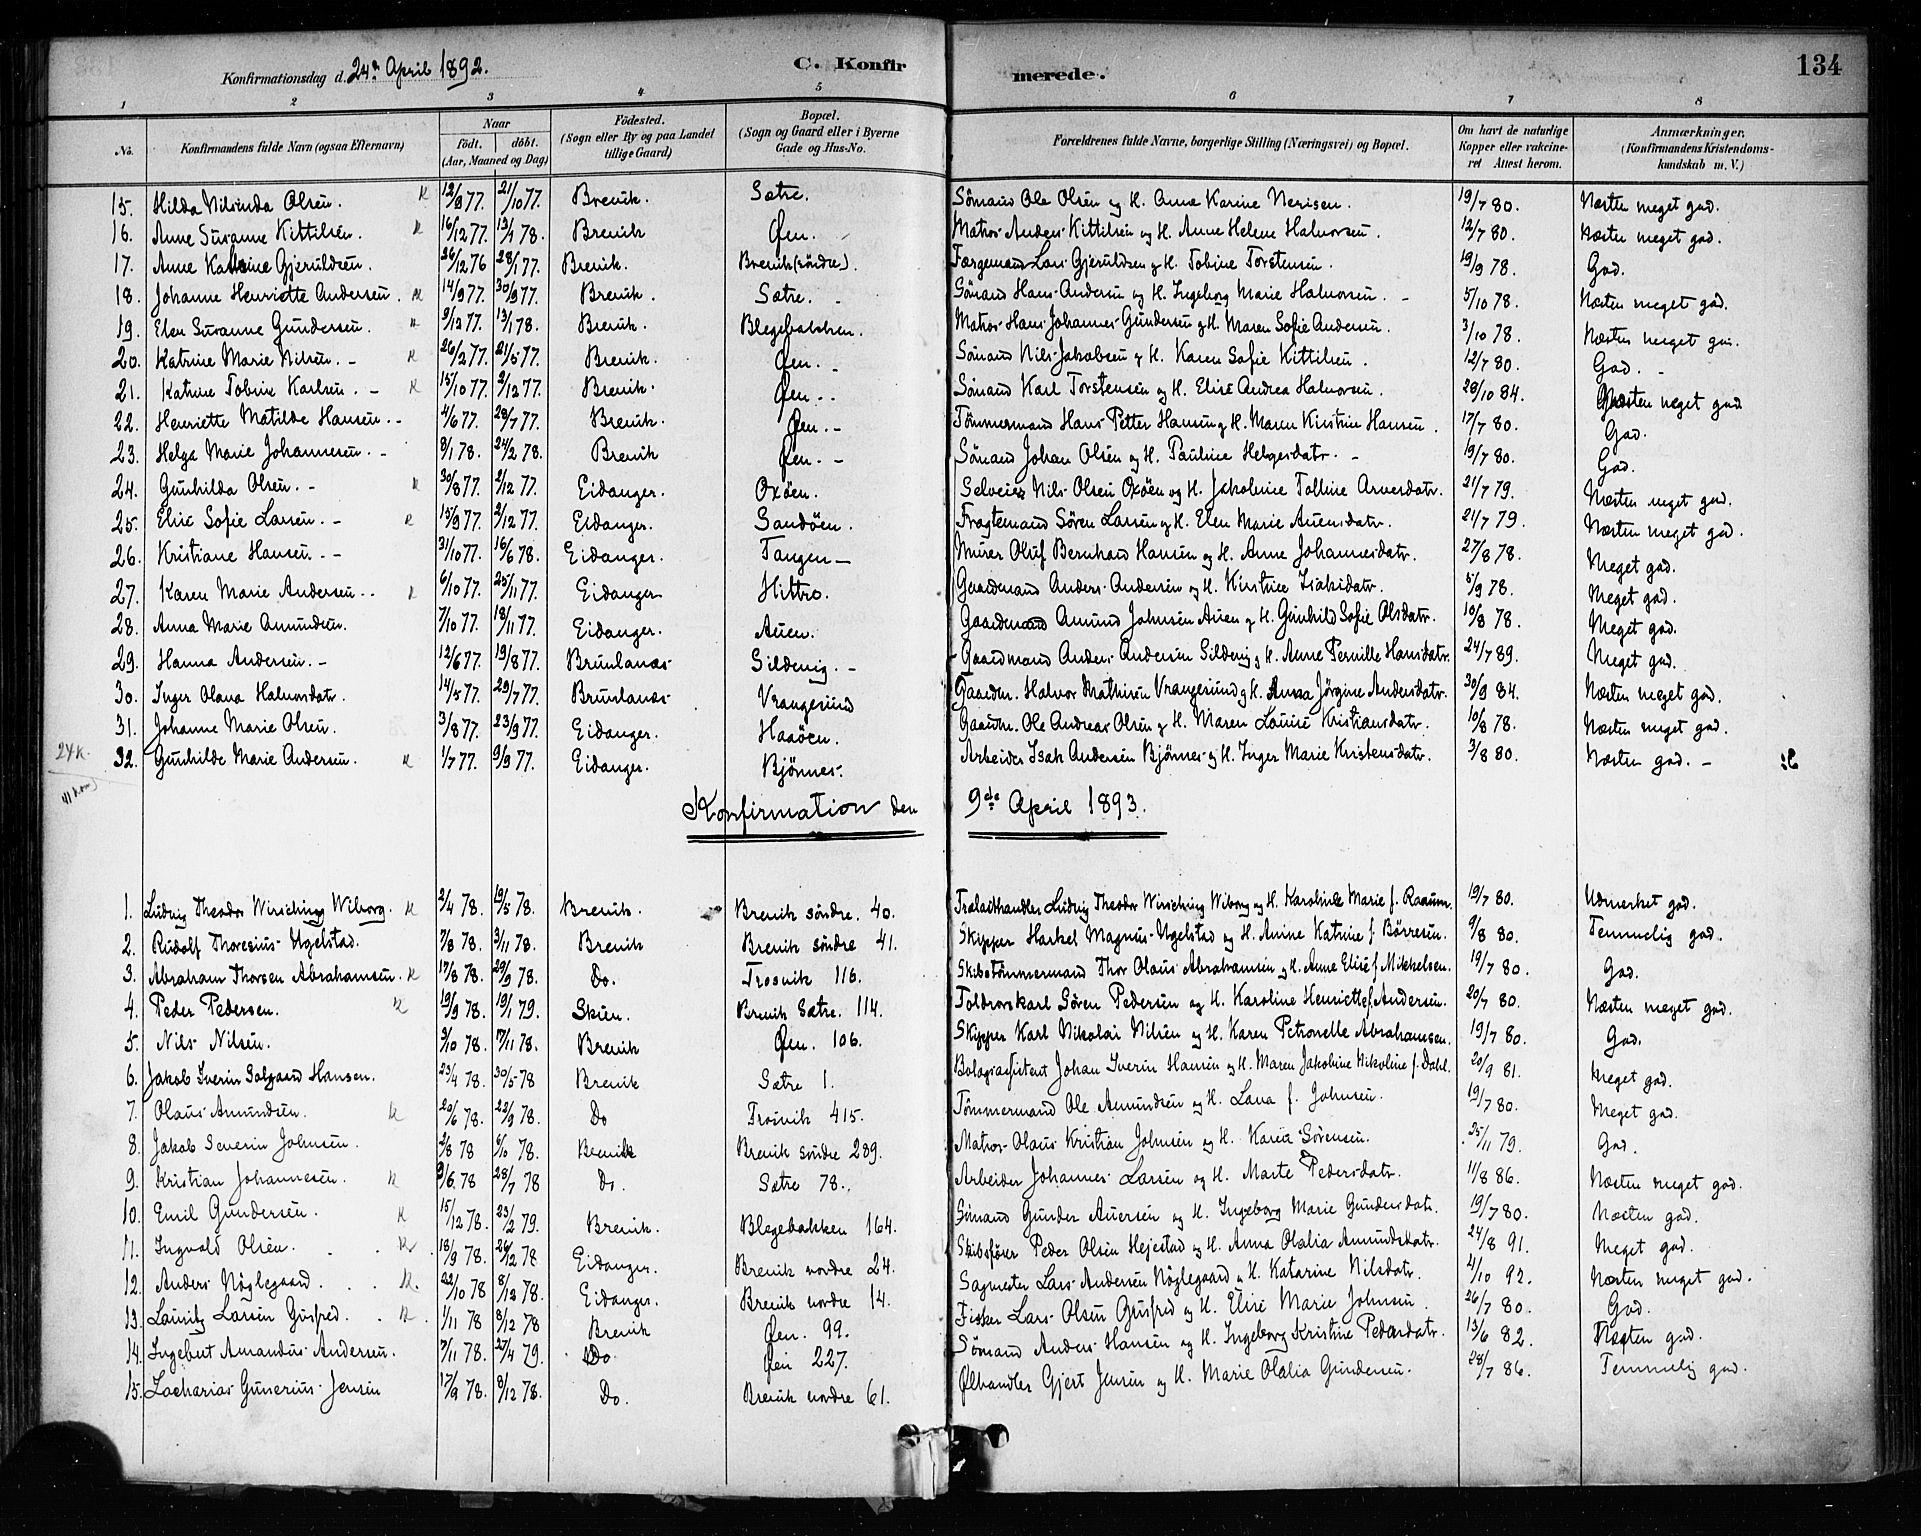 SAKO, Brevik kirkebøker, F/Fa/L0007: Ministerialbok nr. 7, 1882-1900, s. 134